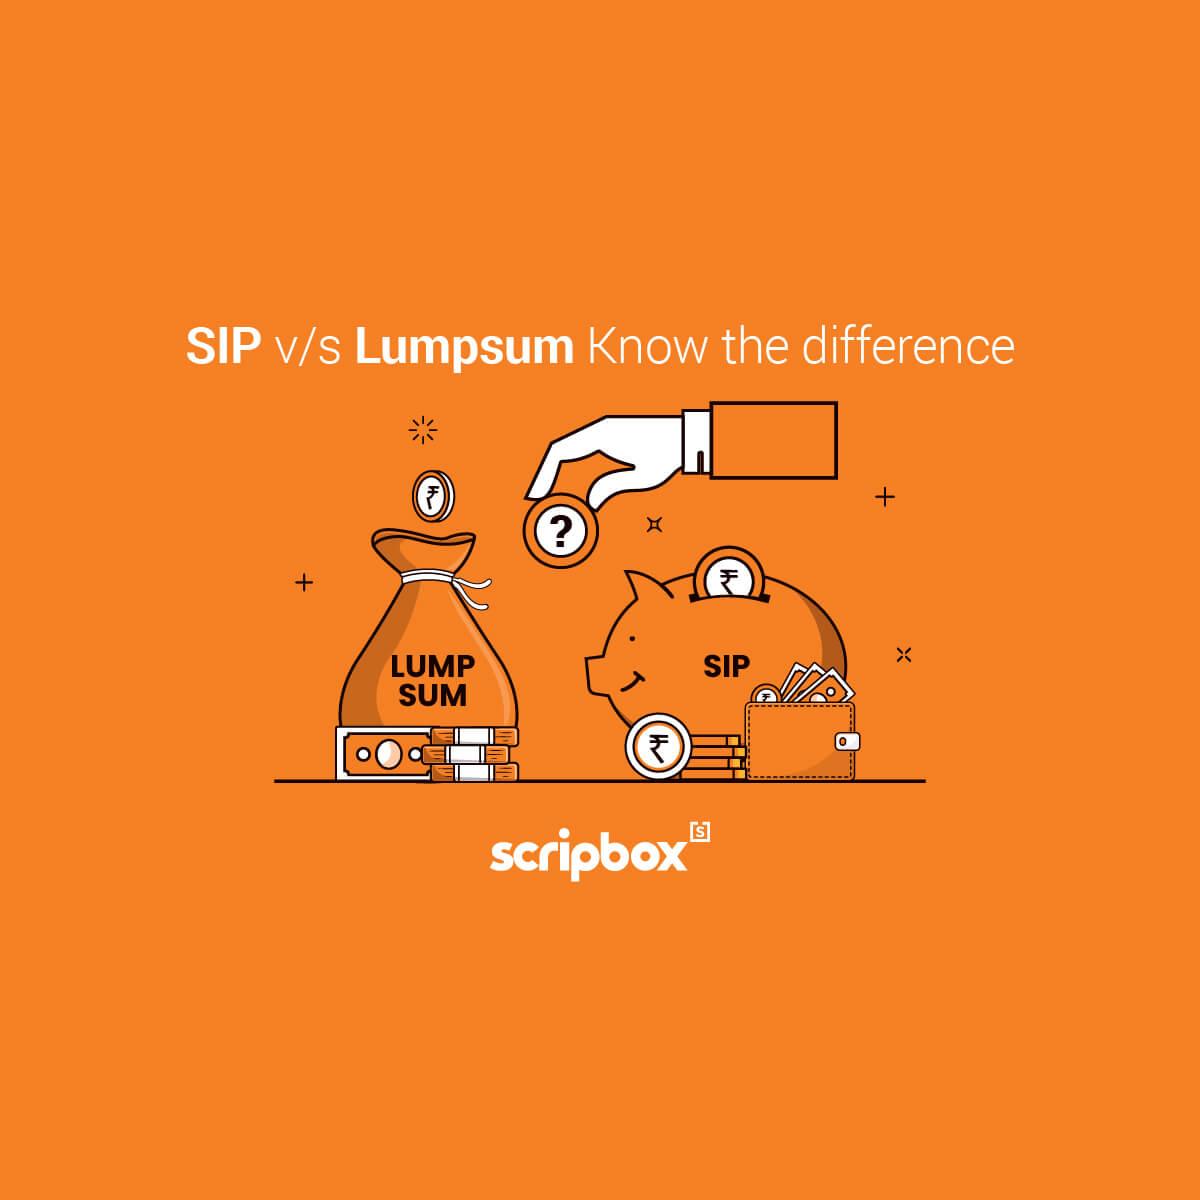 sip vs lumpsum